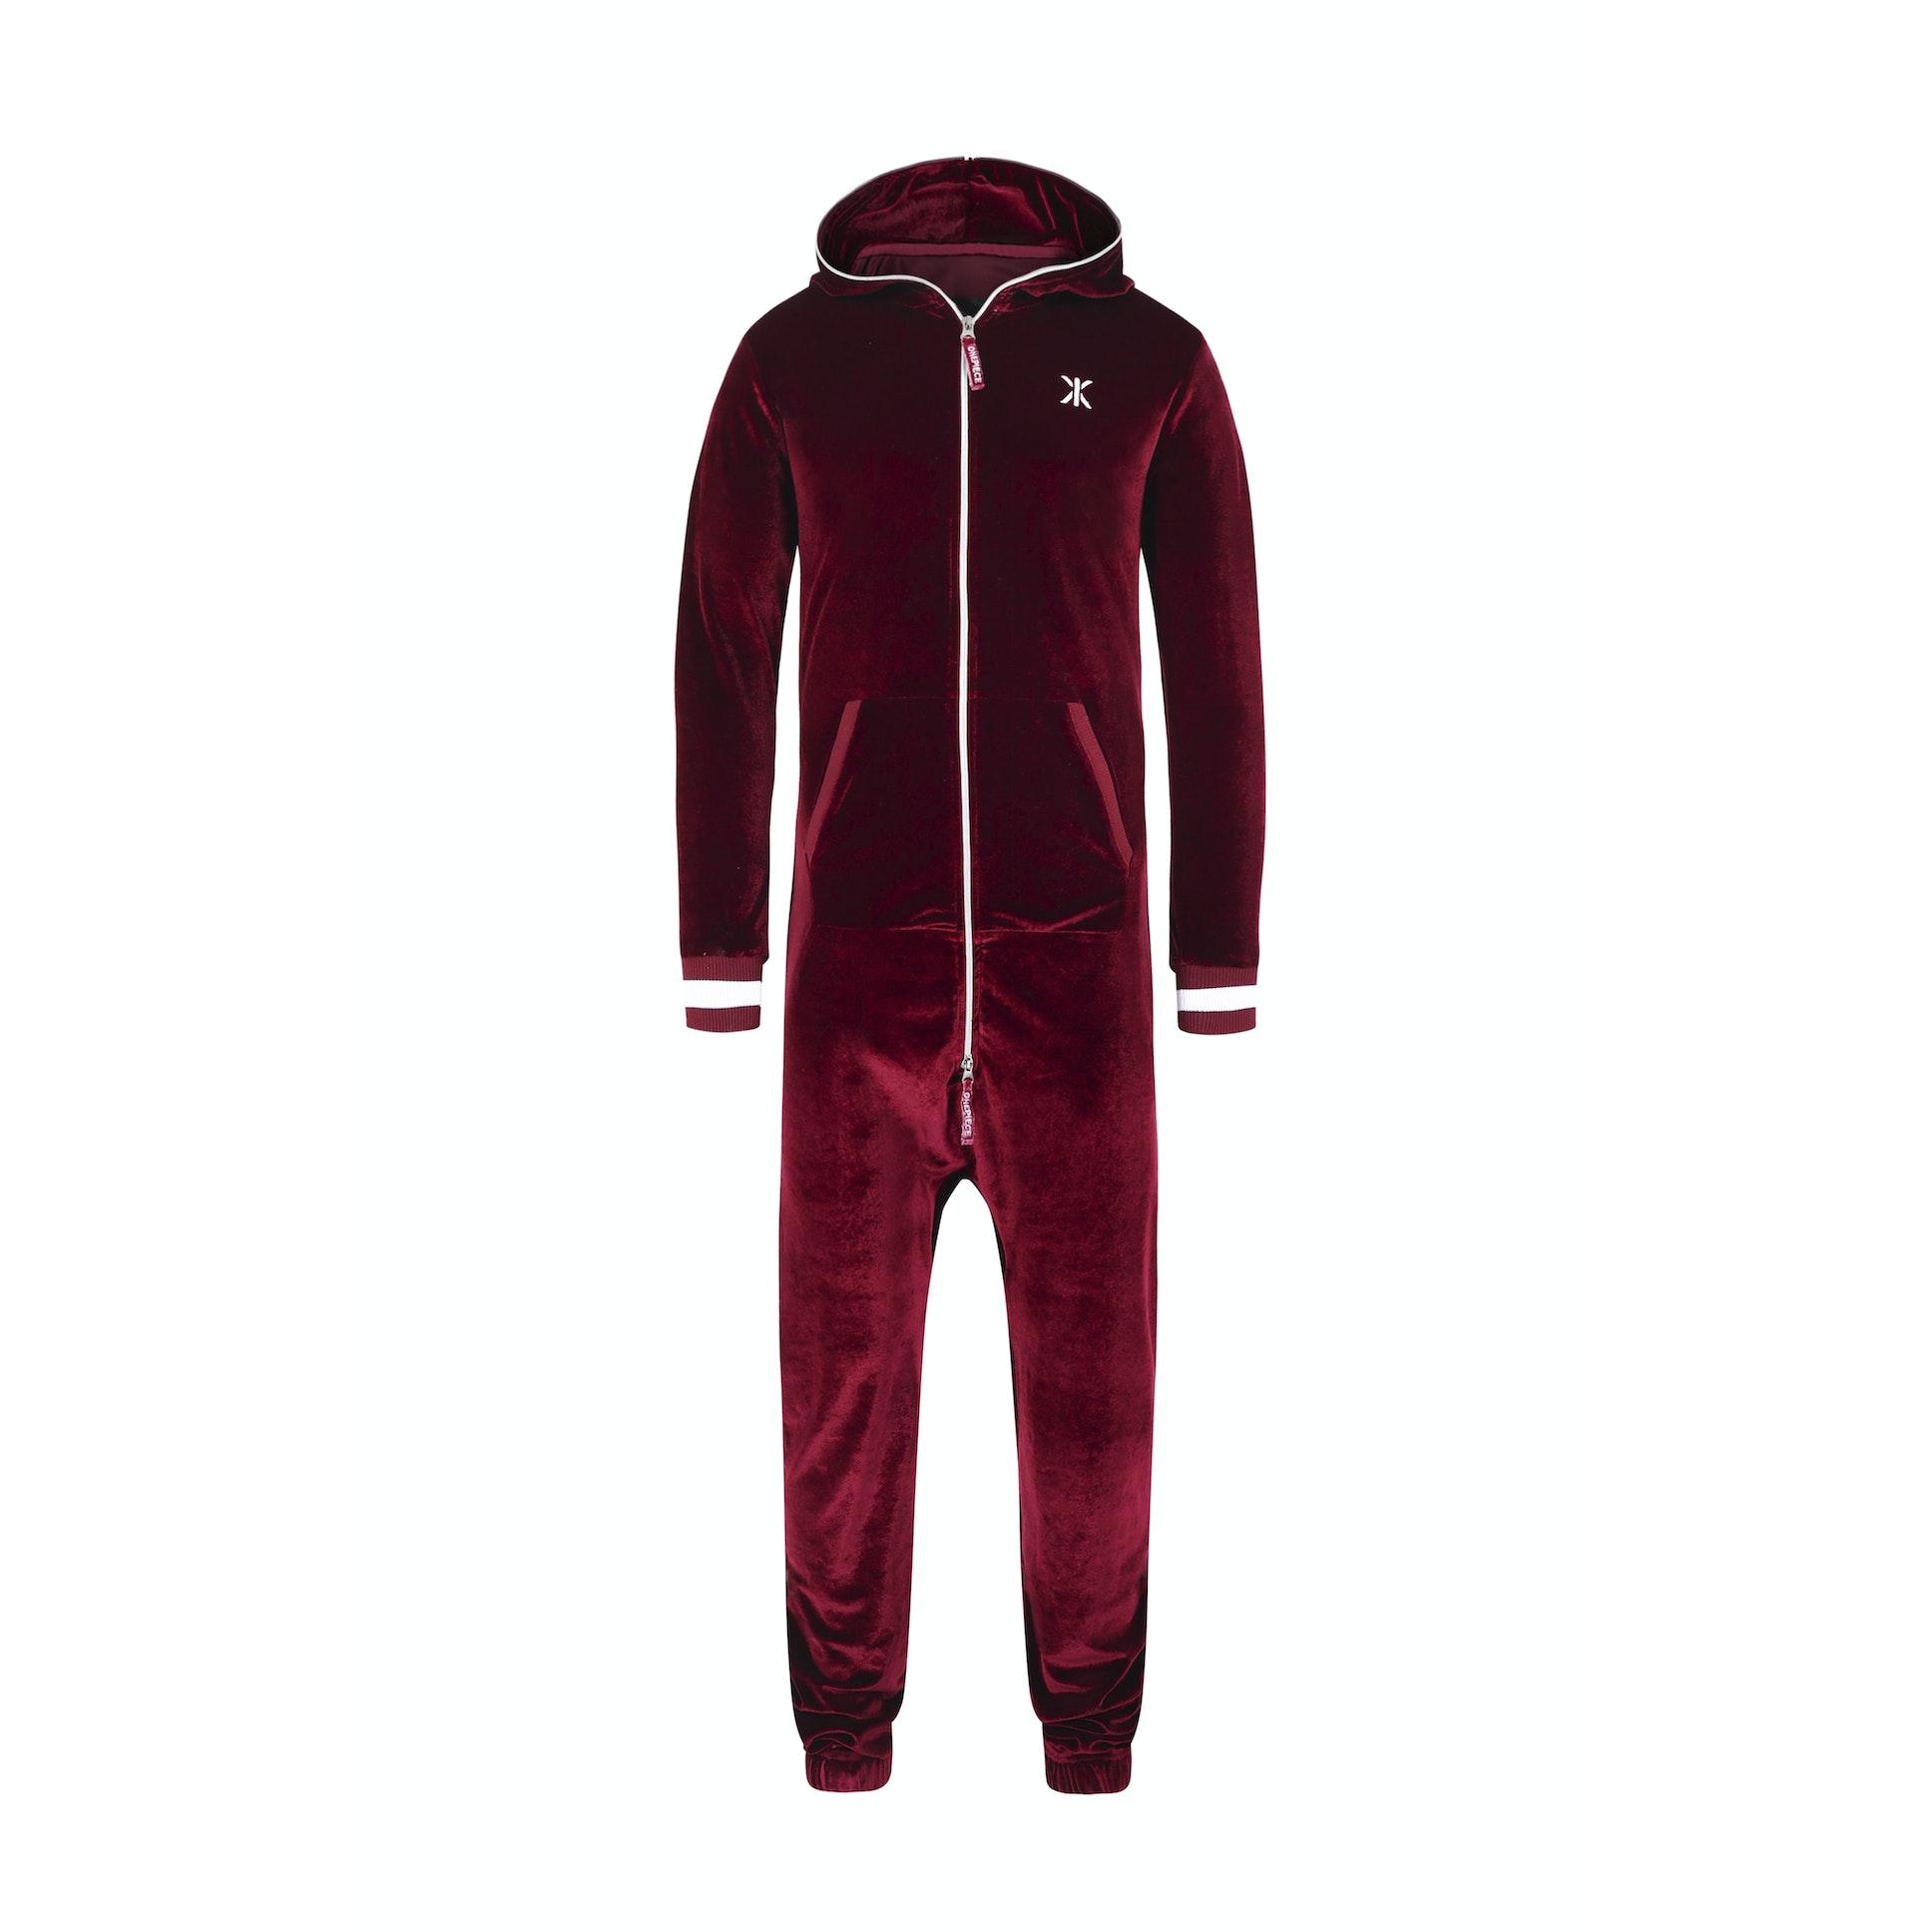 Original Velour Jumpsuit Red Onepiece Premium Onesies